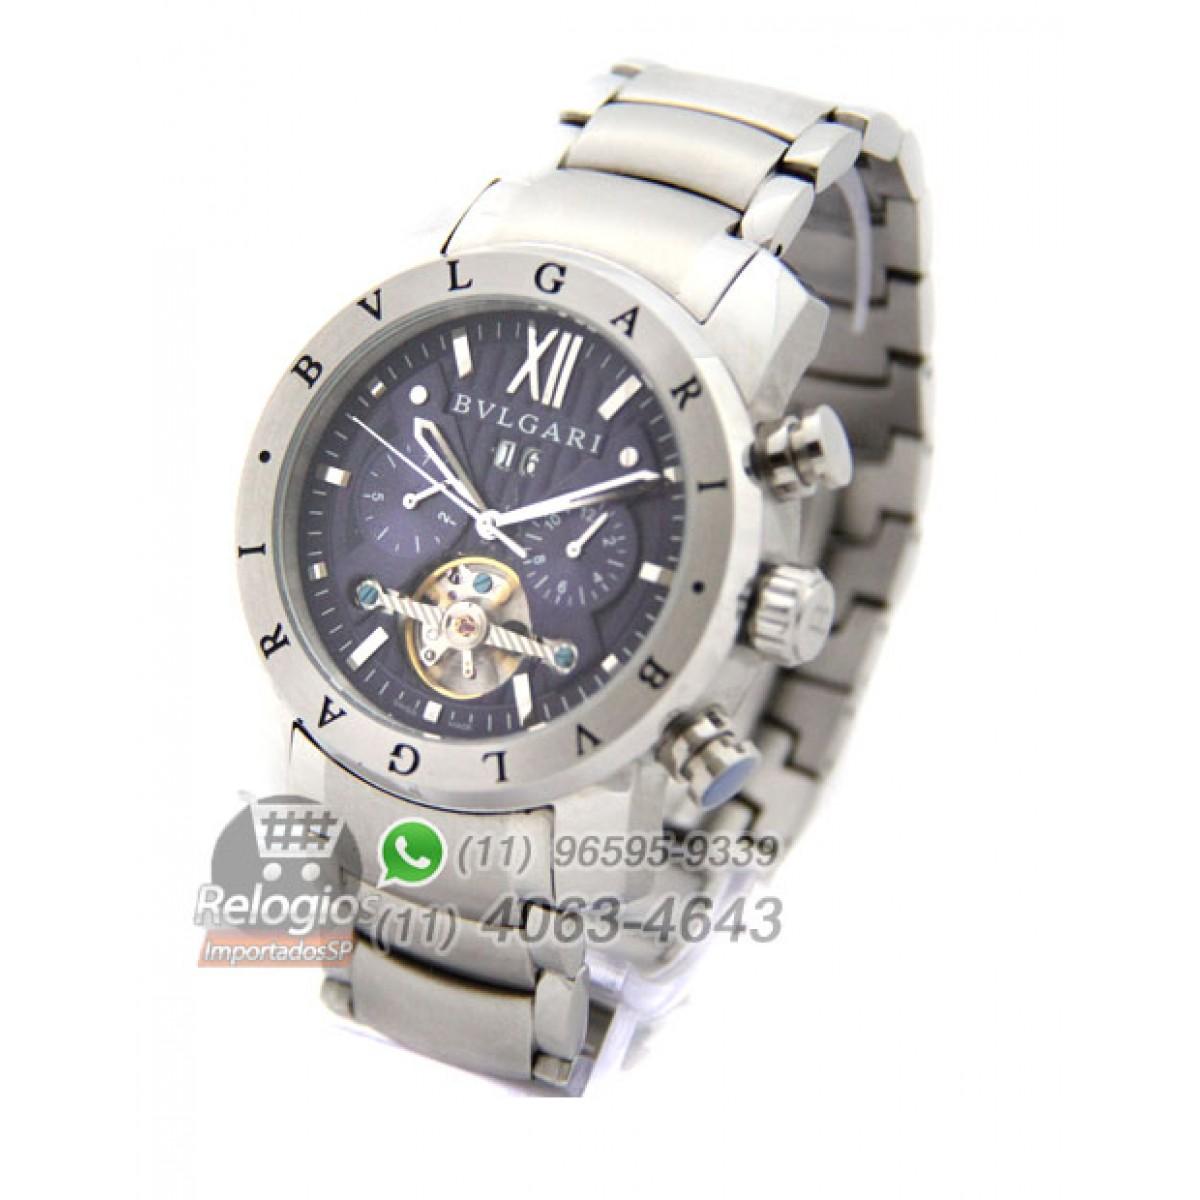 e0c60b4aab8 Relógio Réplica Bulgari Homem de Ferro Prata Azul